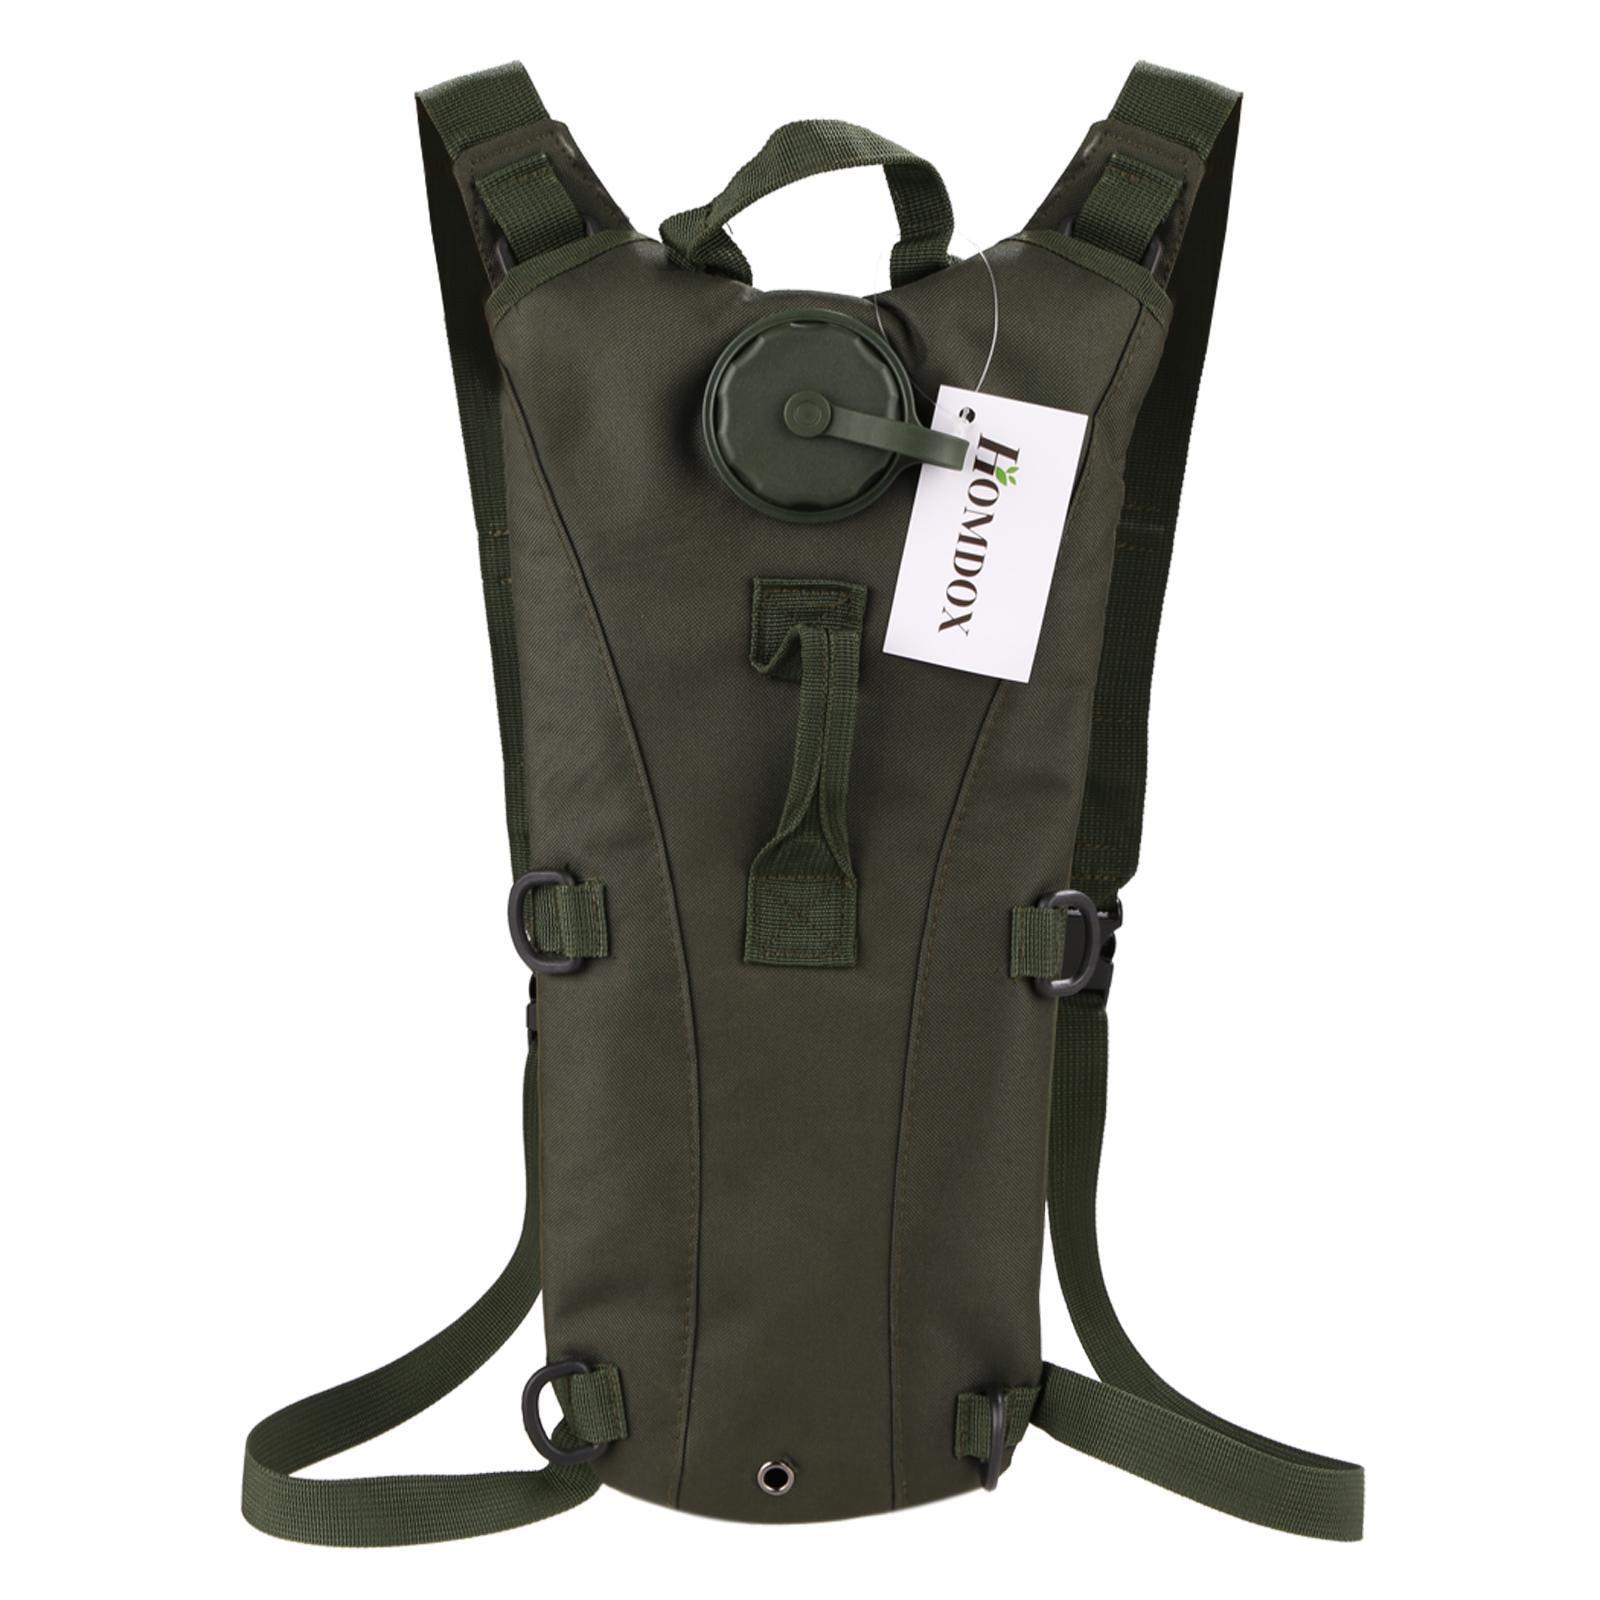 Kimimart Camelback Bladder, 3.0L Outdoor Travel Water Bladder Bag Backpack Hydration Packs by